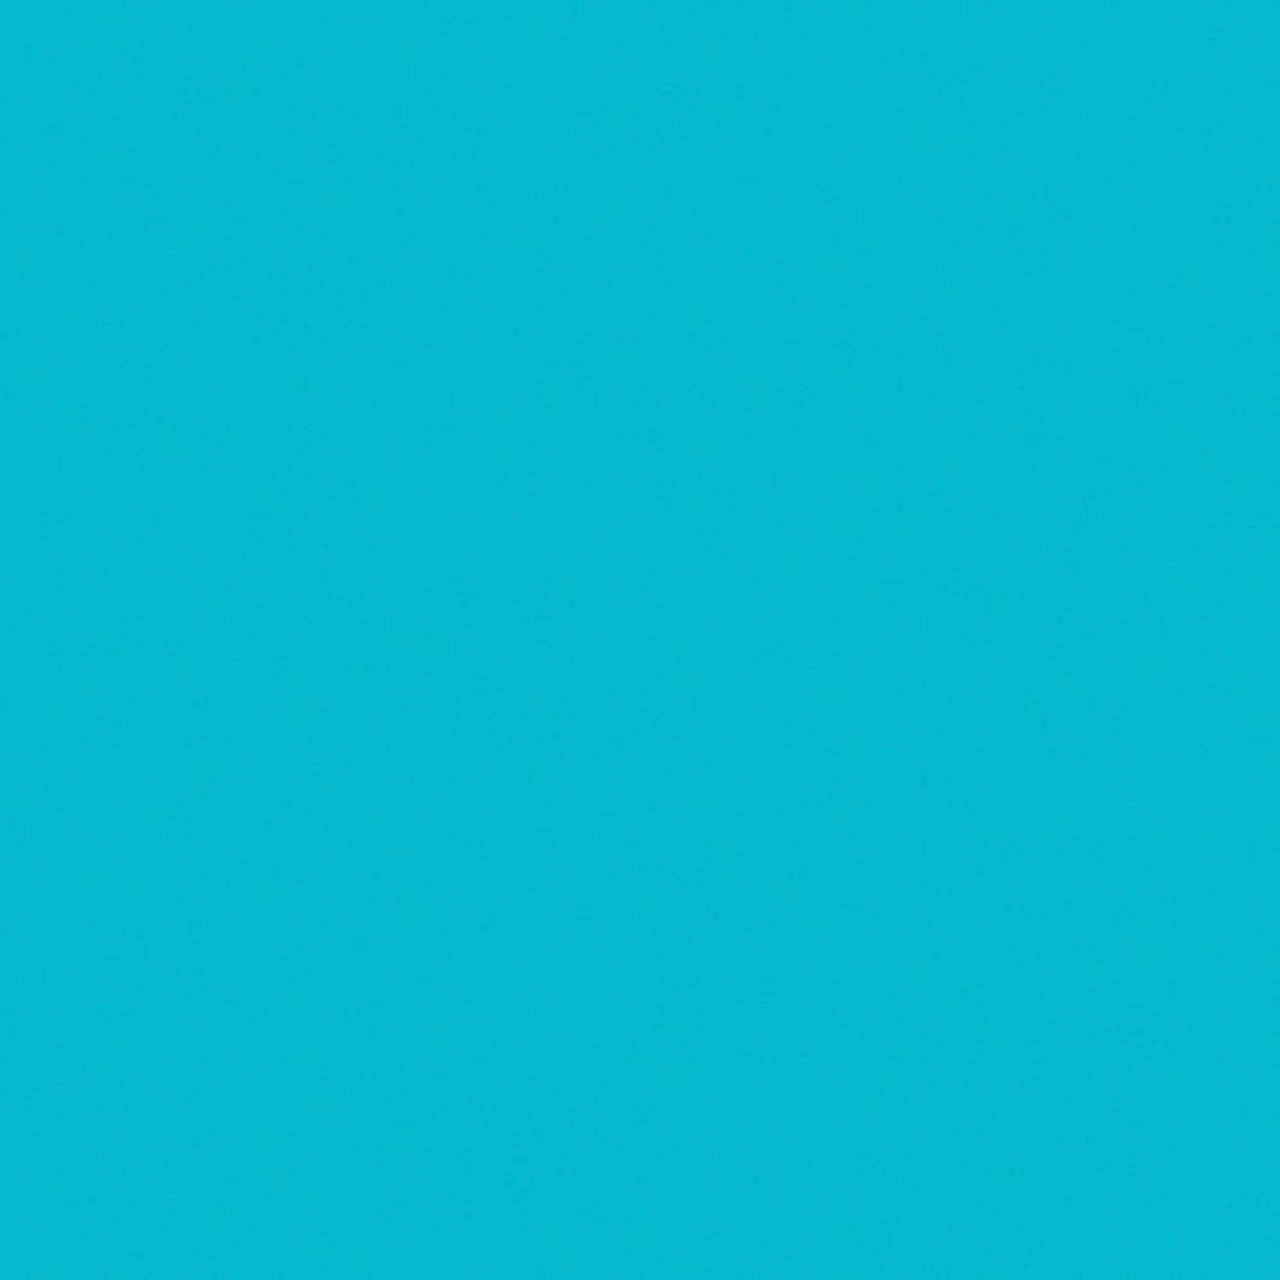 Lee Gels #CL115 Cool LED Peacock Blue Filter